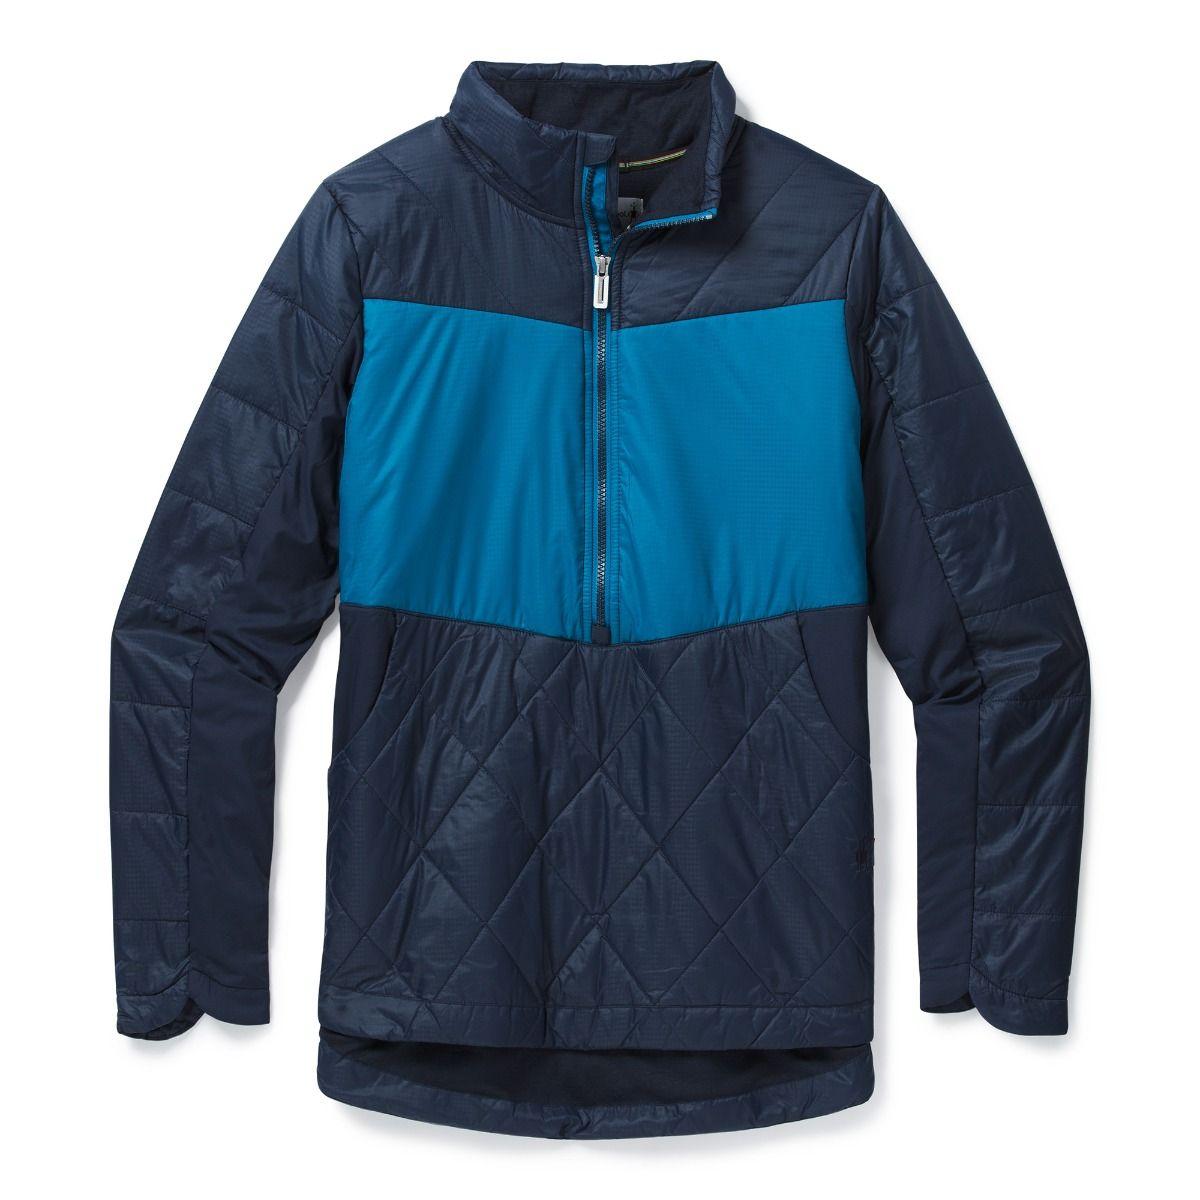 Women's Smartloft-X 60 Pullover